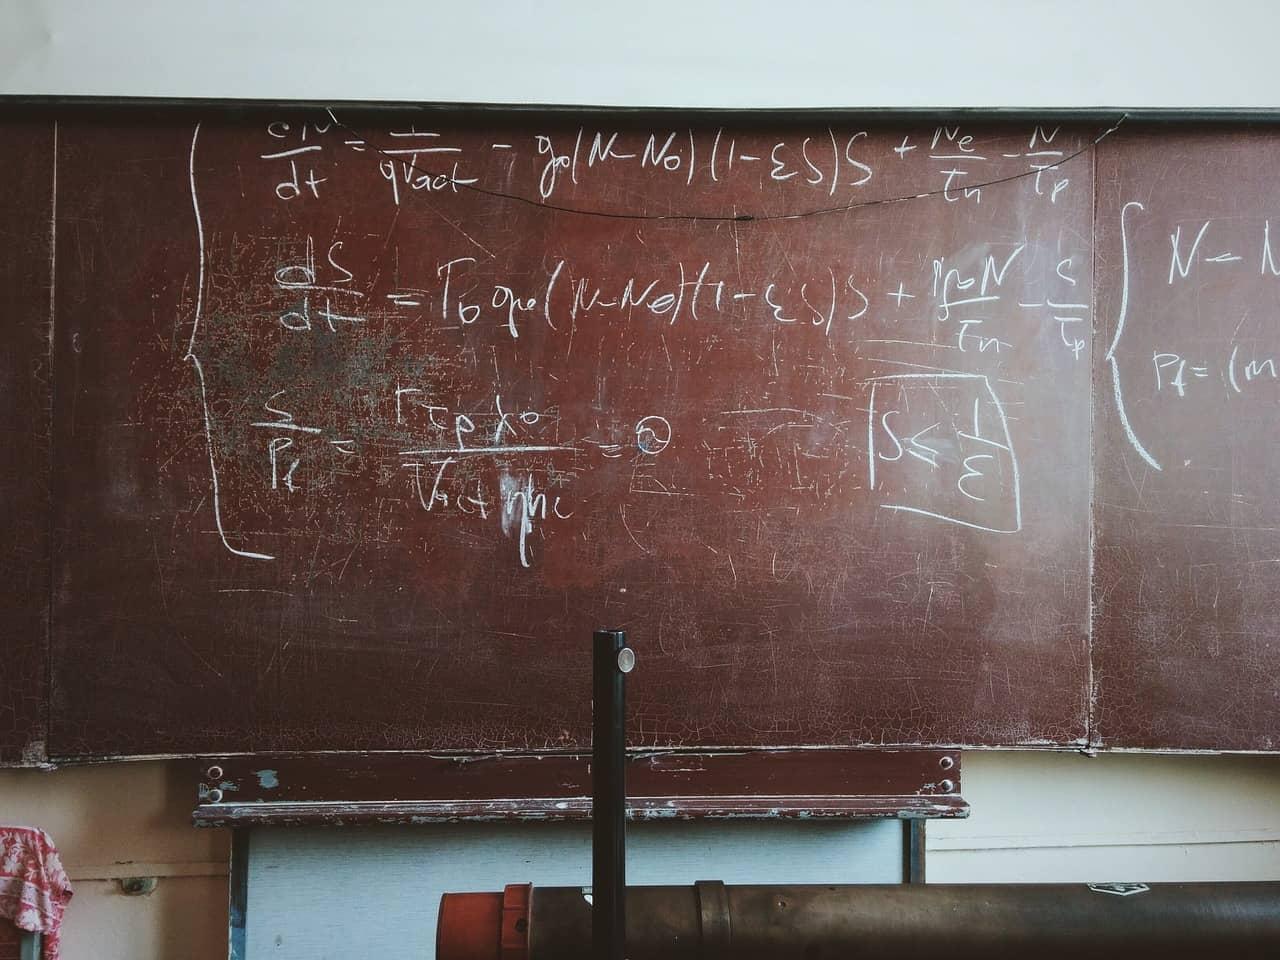 לוח מתמטיקה - מורה פרטי למתמטיקה